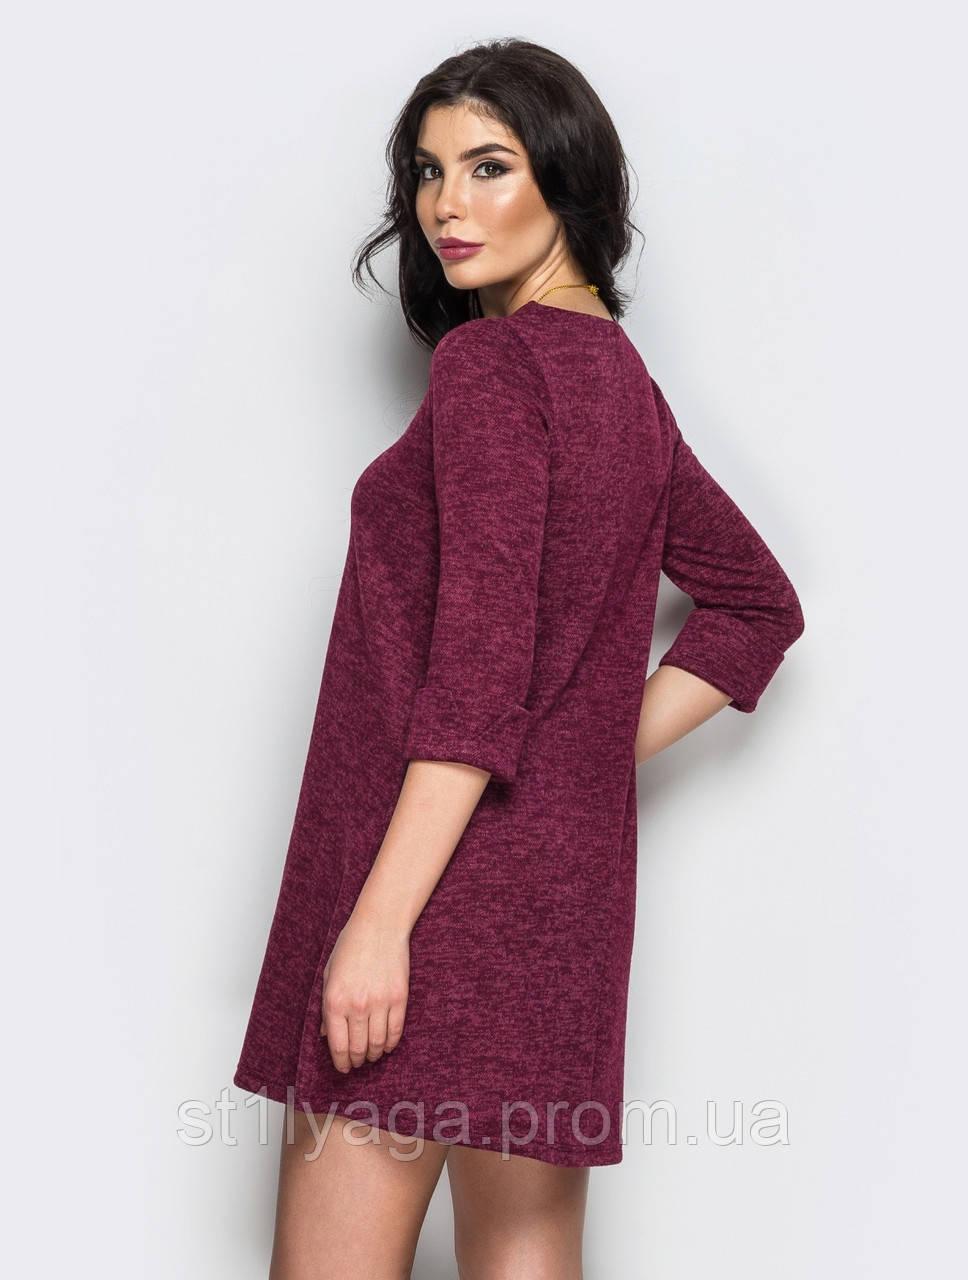 dc8a4087ac3 Трикотажное платье-трапеция с подвернутым рукавом три четверти ...